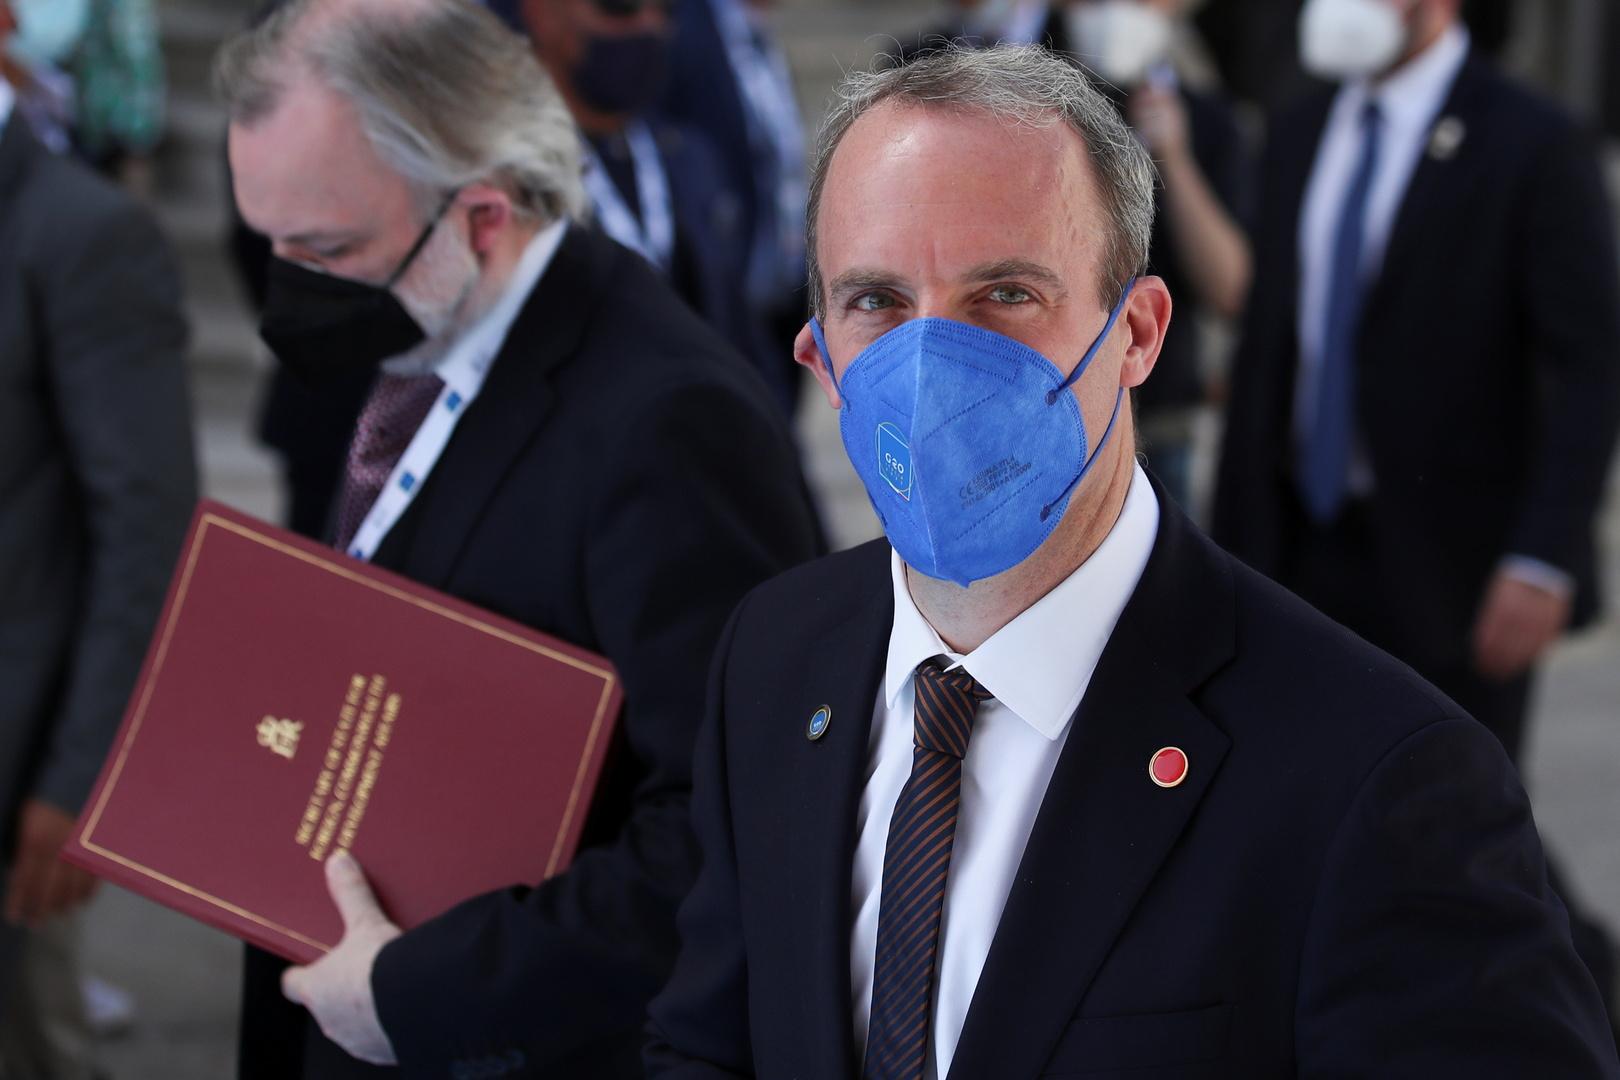 بينهم مسؤول عراقي سابق.. بريطانيا تفرض عقوبات على 5 أشخاص تتهمهم بالفساد